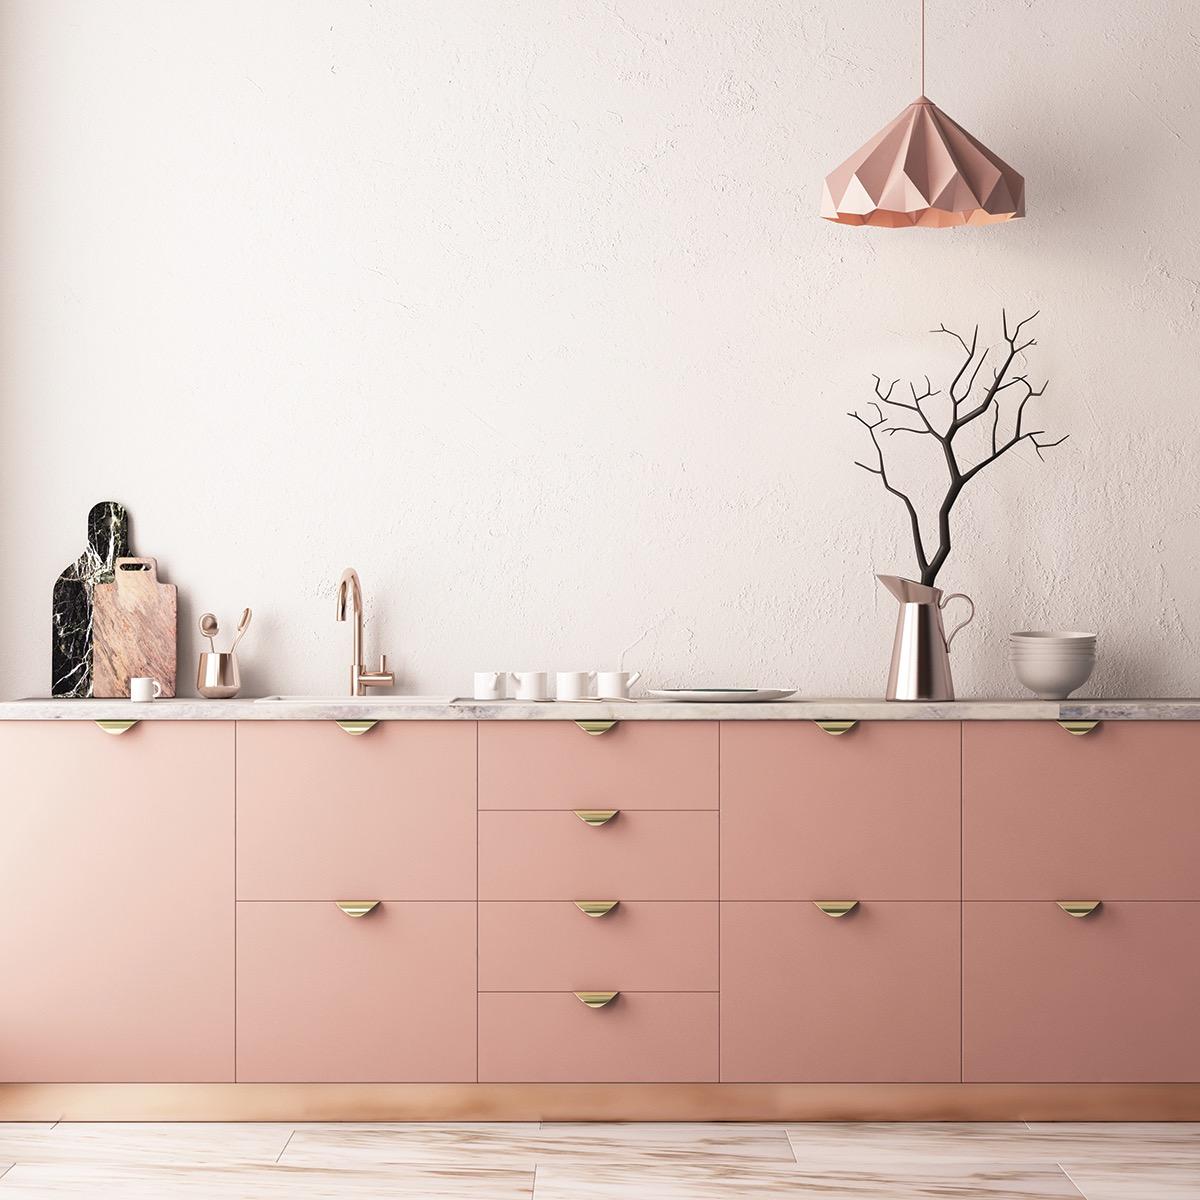 Blush kitchen light